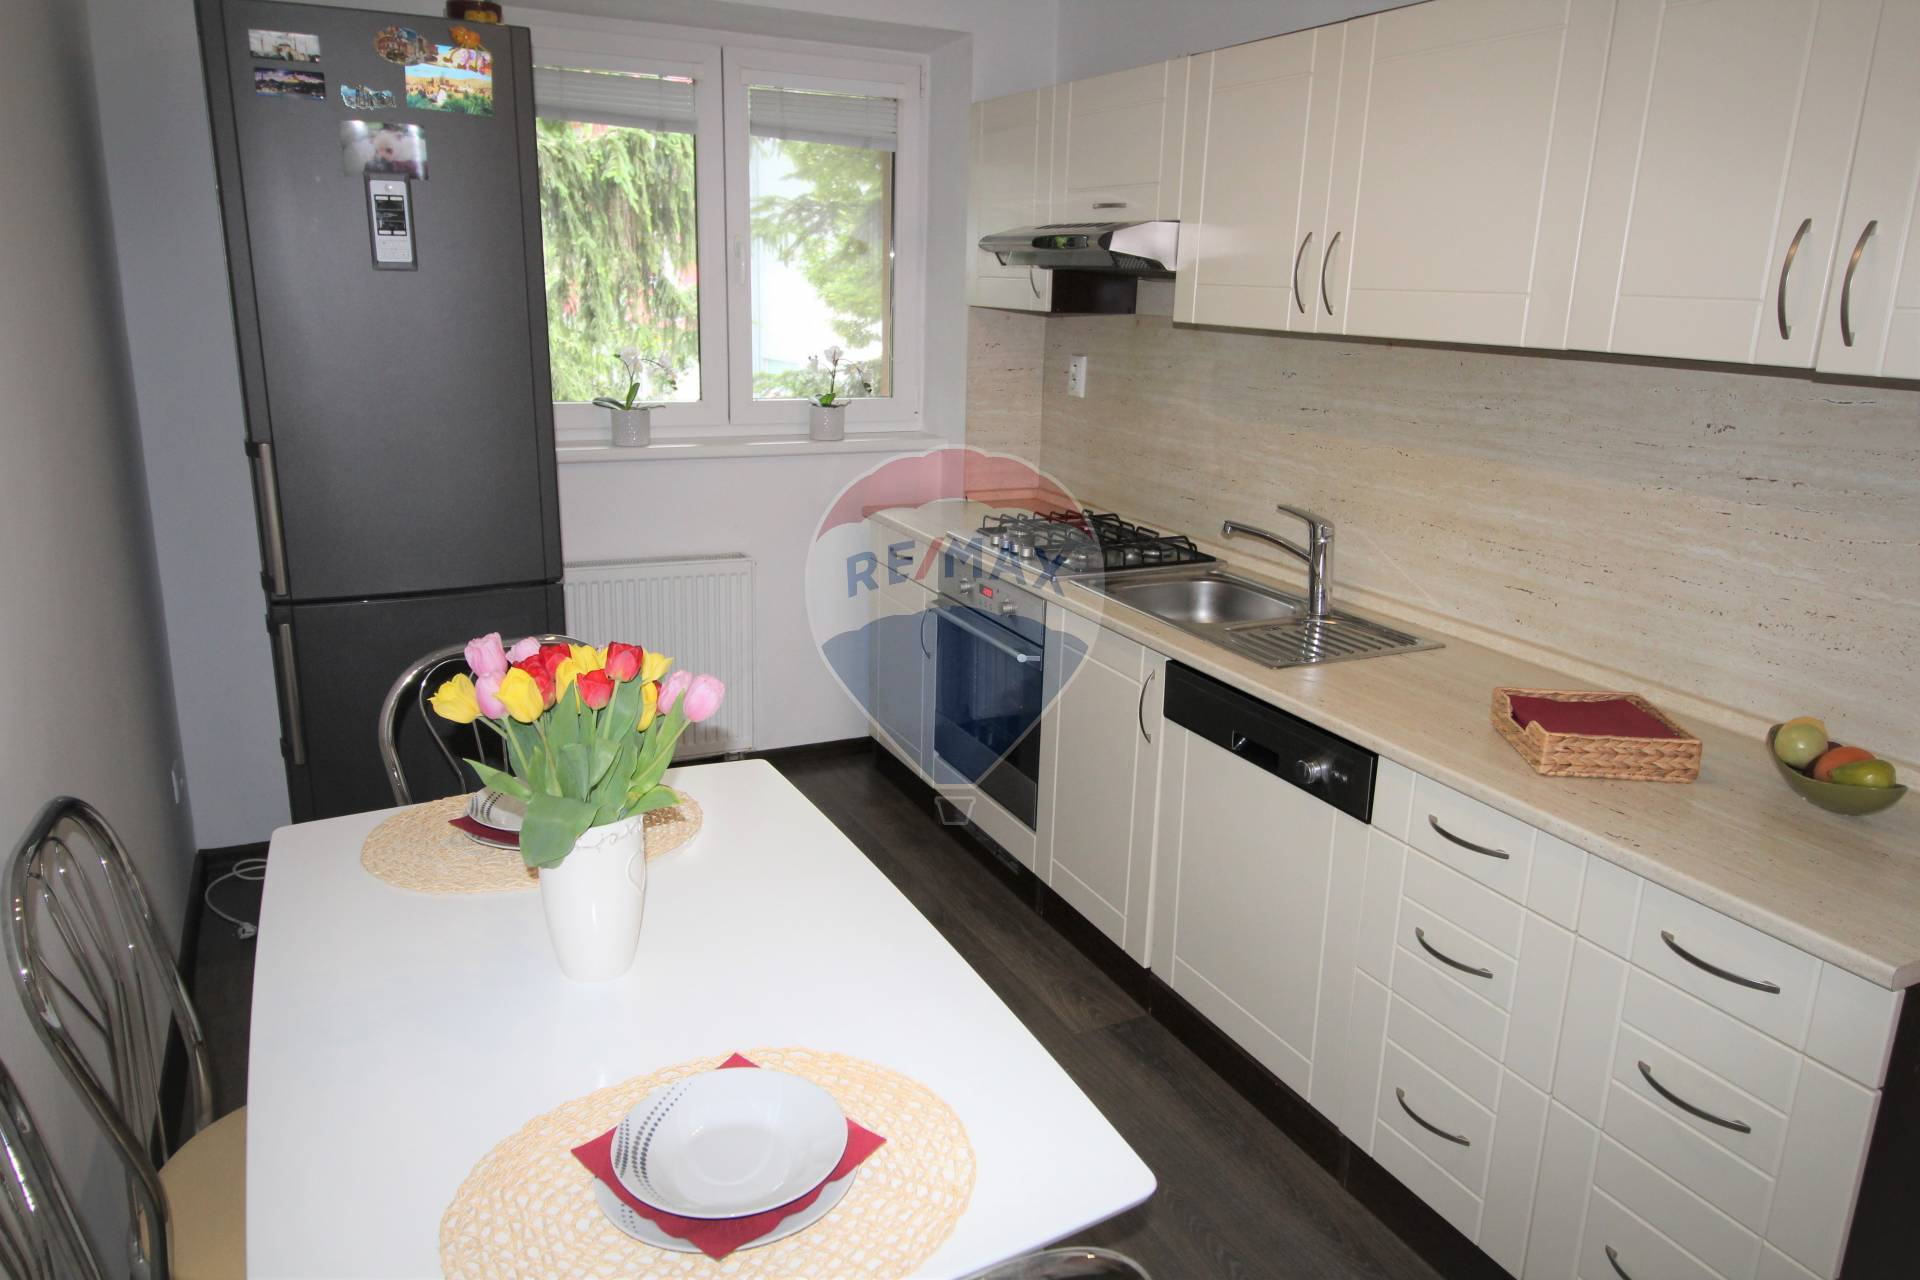 VIDEOOBHLIADKA: PREDAJ 2 izb. zariadeného bytu, Turecká ul., Senec, kompletná rekonštrukcia